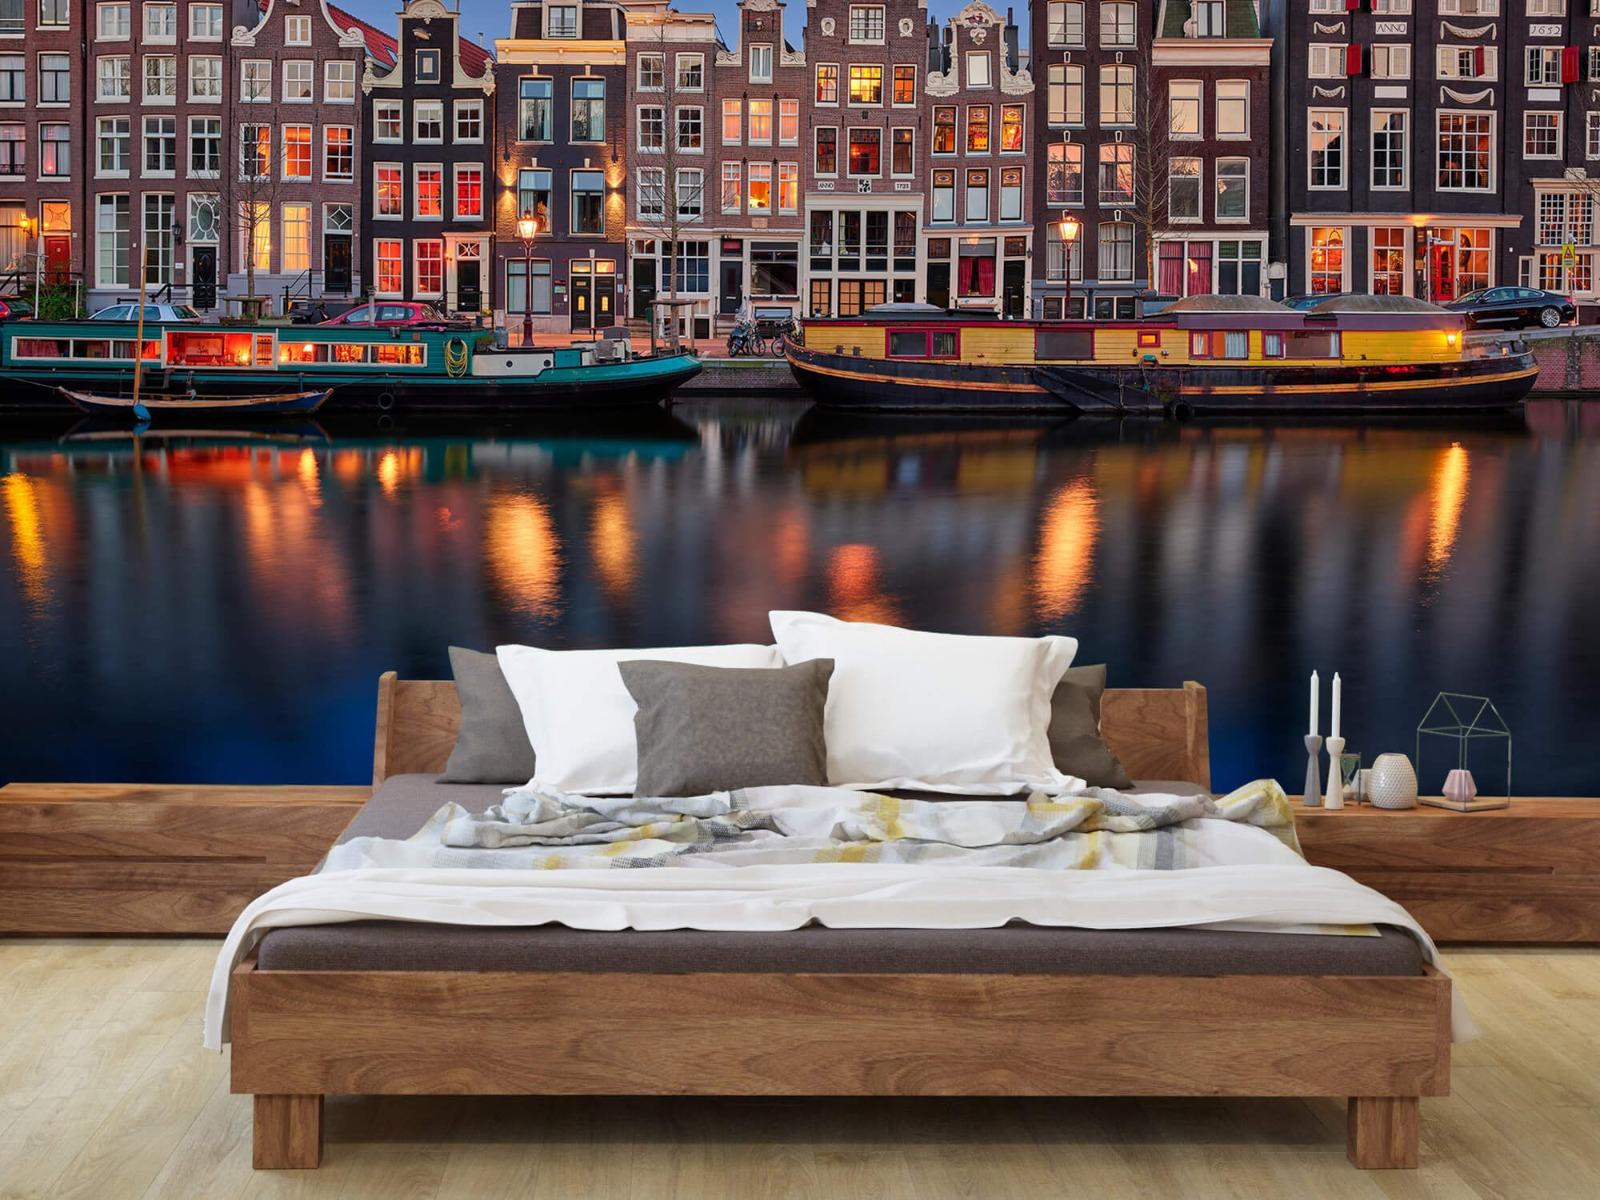 Architectuur - Grachtenpanden Amsterdam - Tienerkamer 7